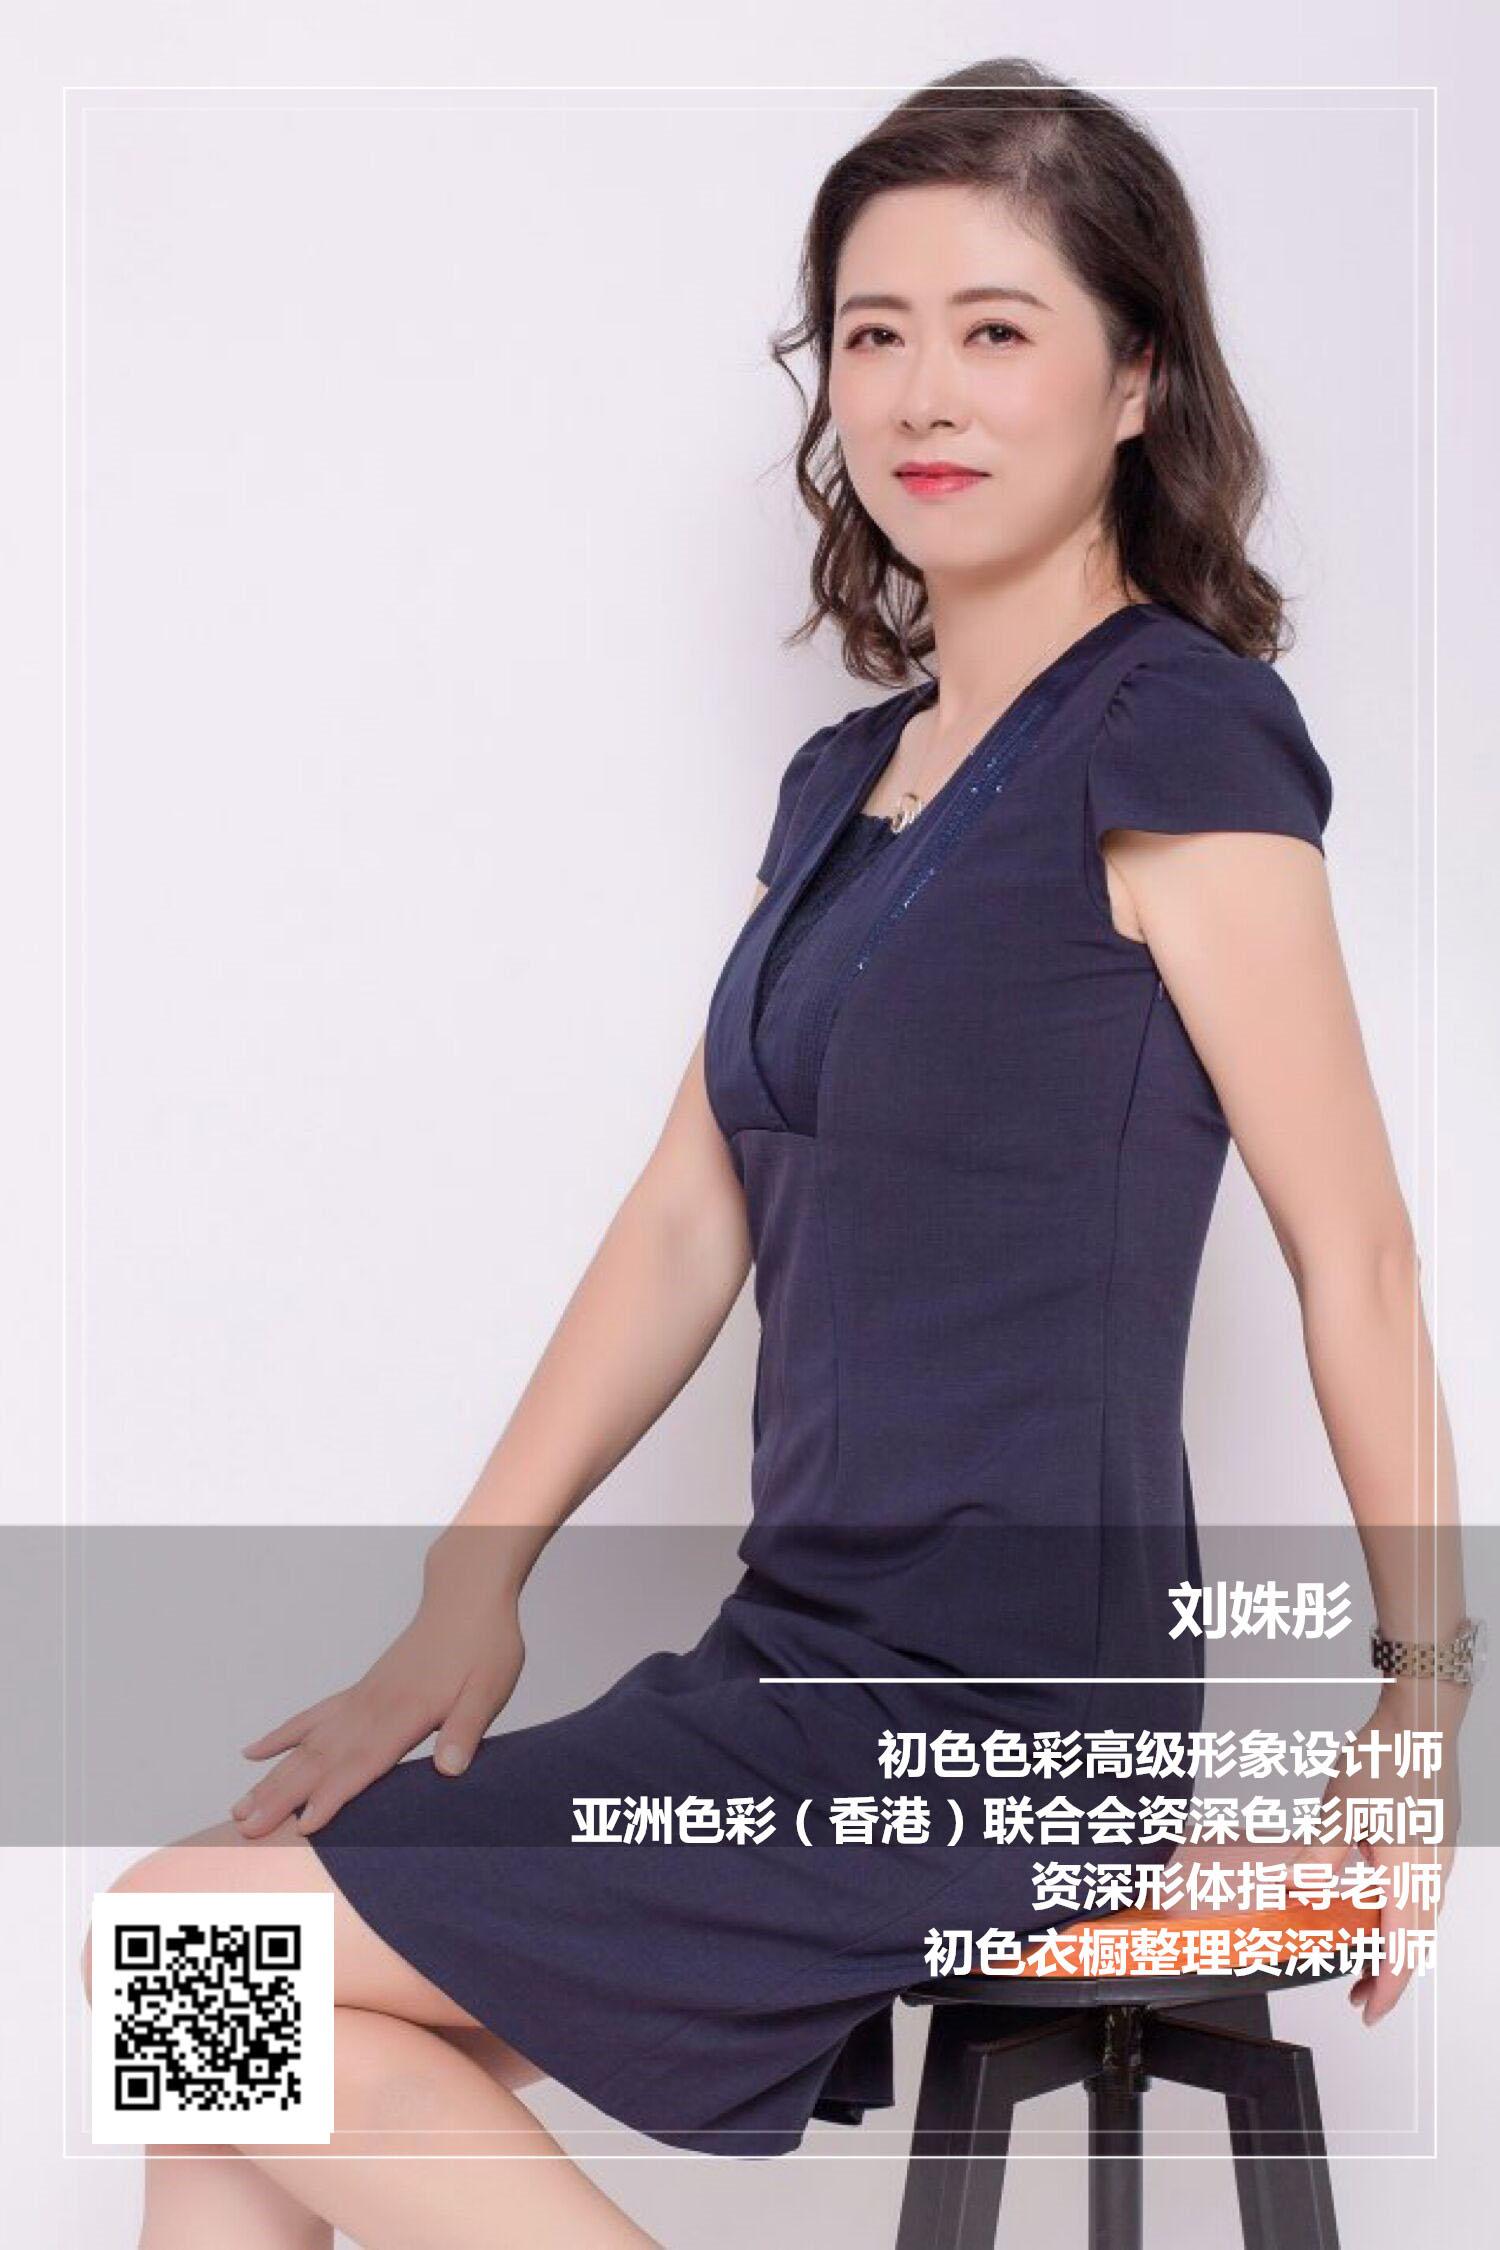 初色高級形象設計師- 劉姝彤